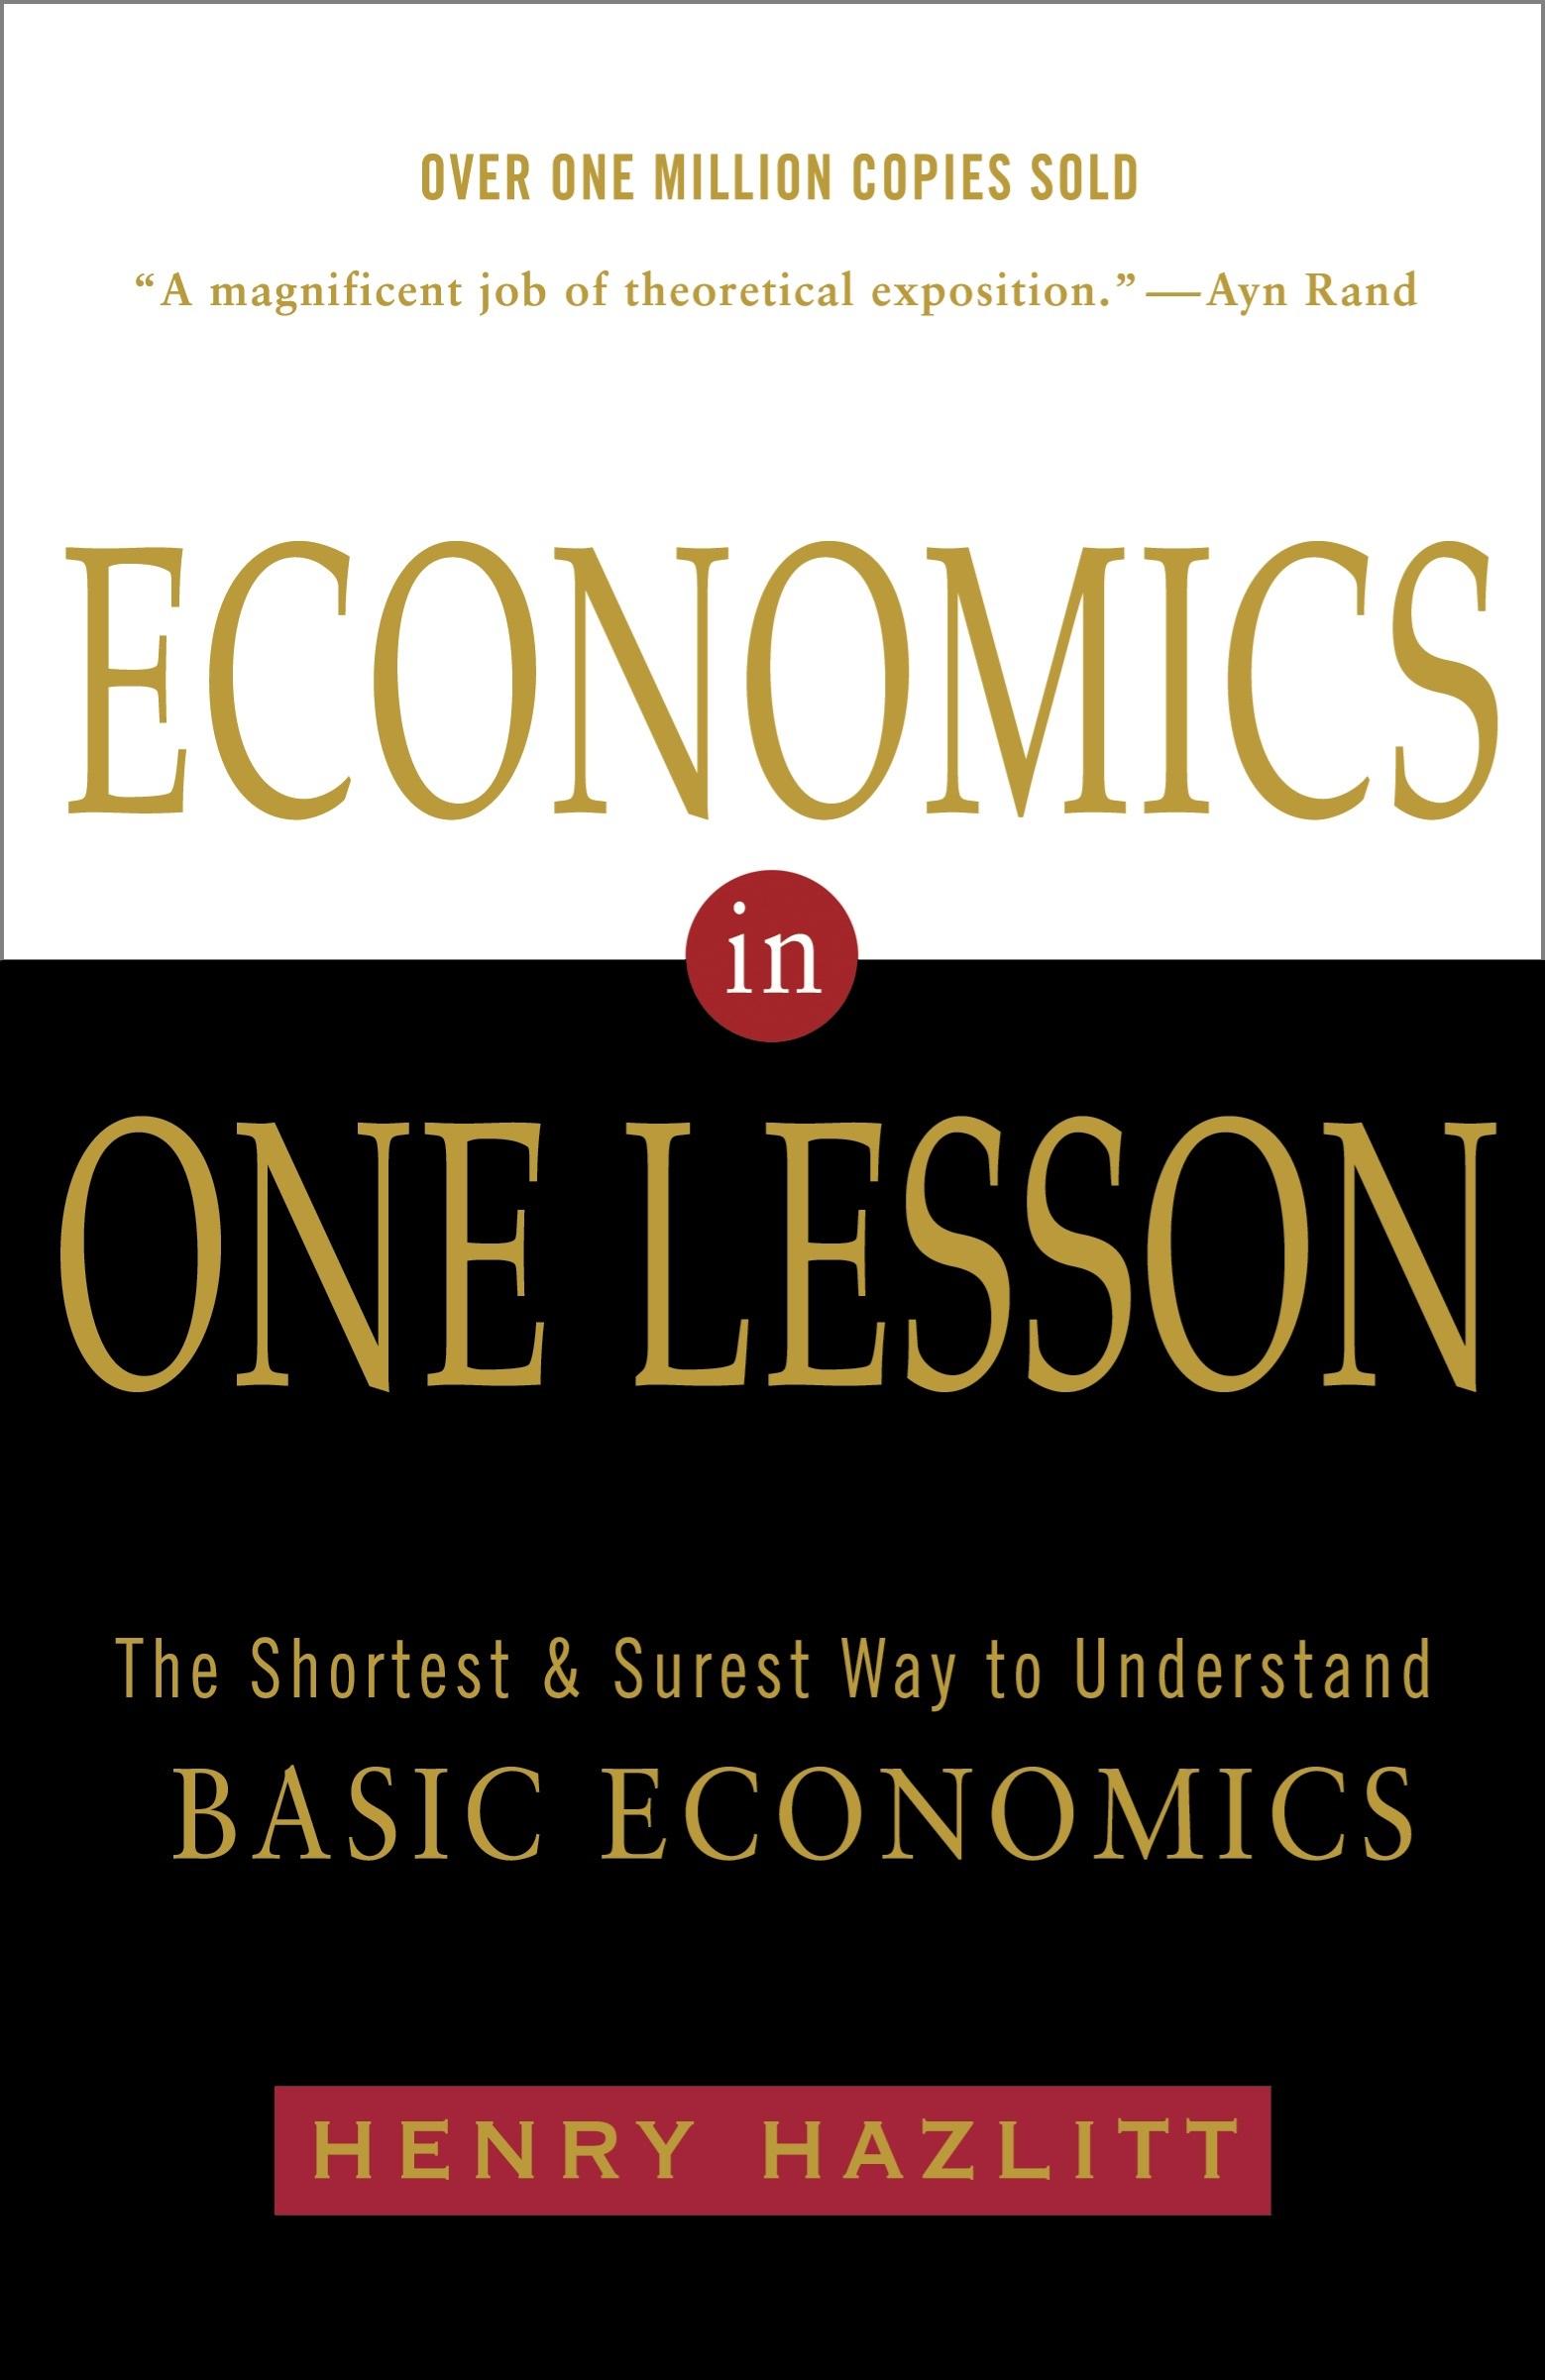 Economics in One Lesson Book Cover